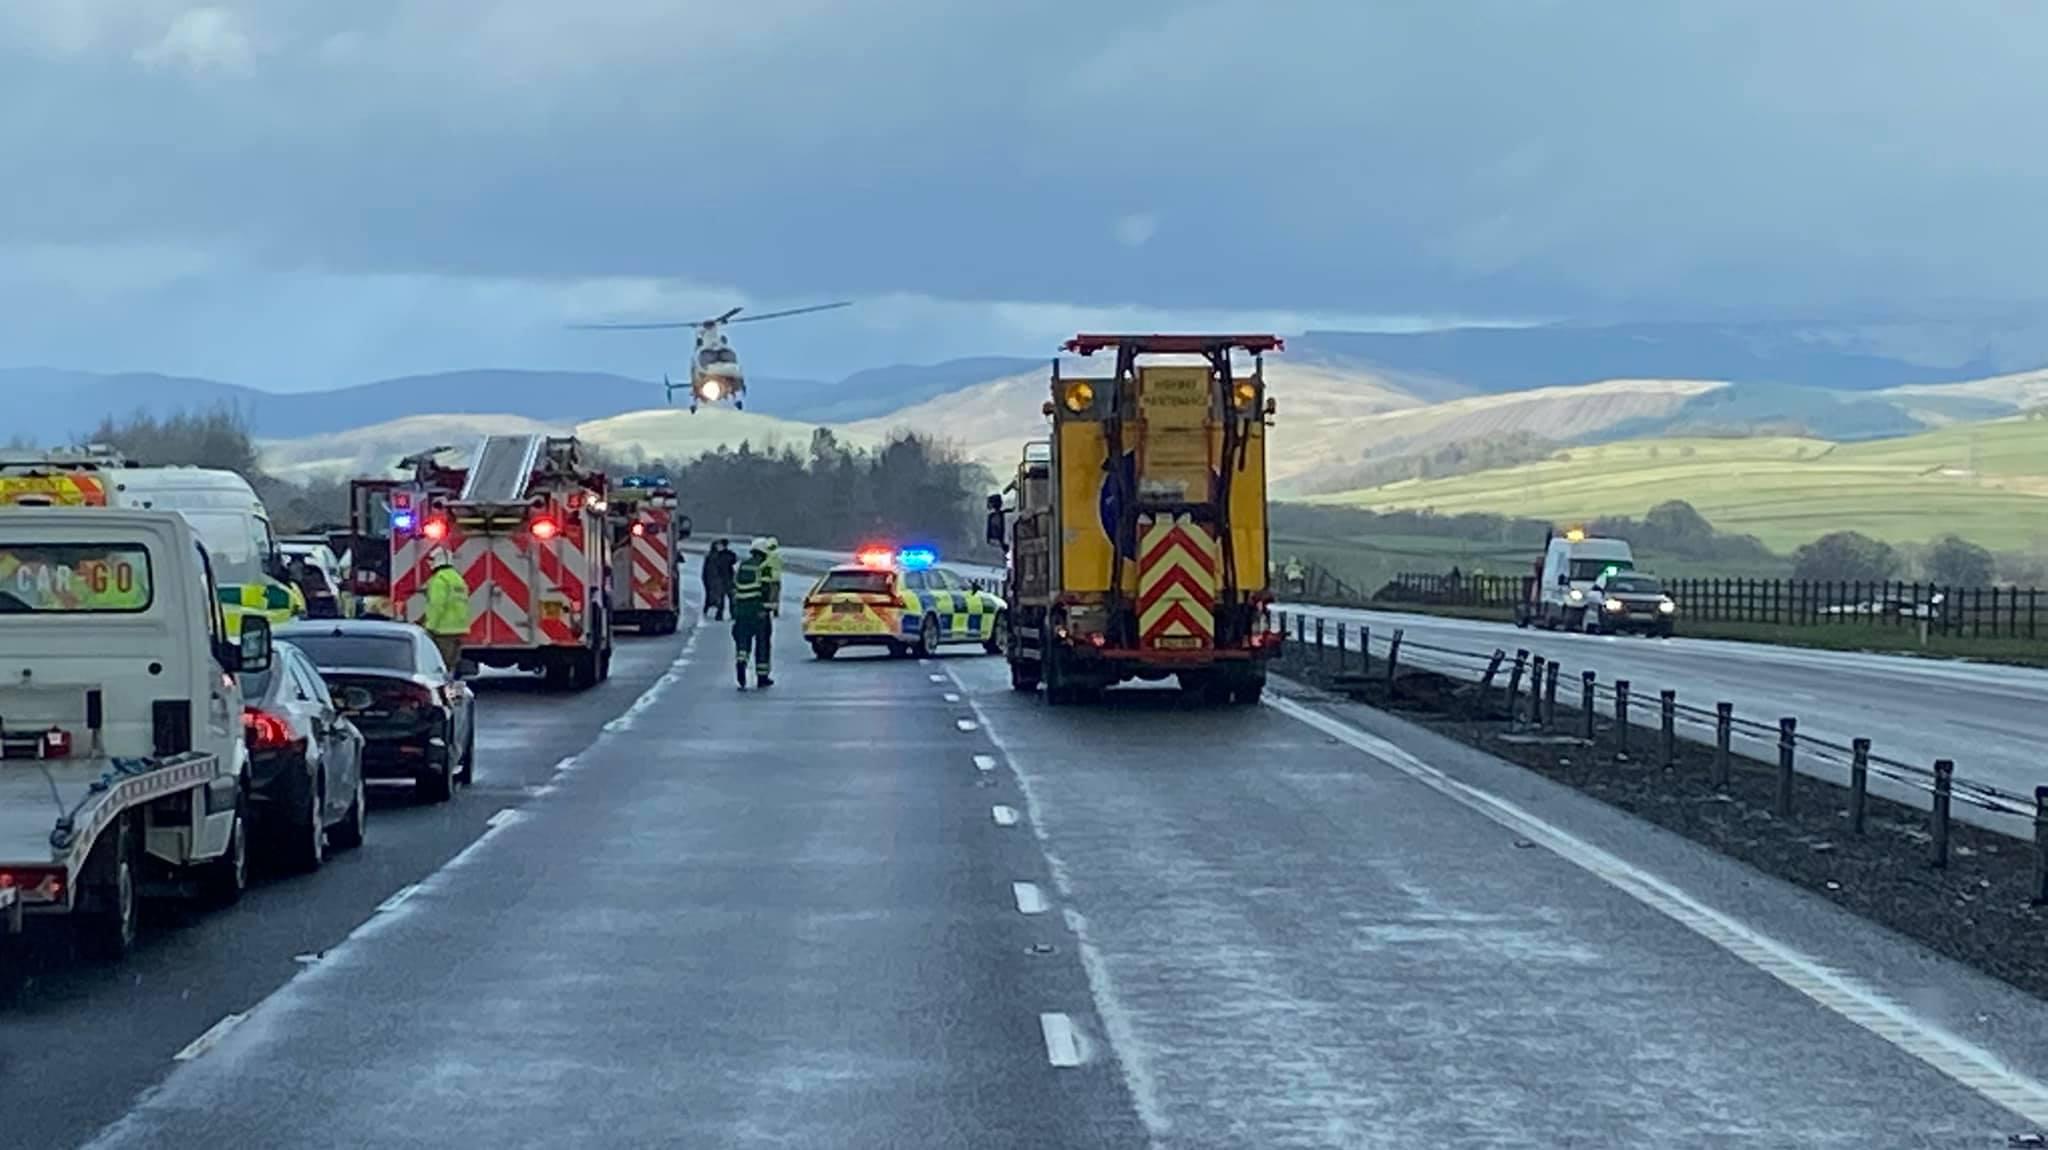 Nine hurt in motorway collisions